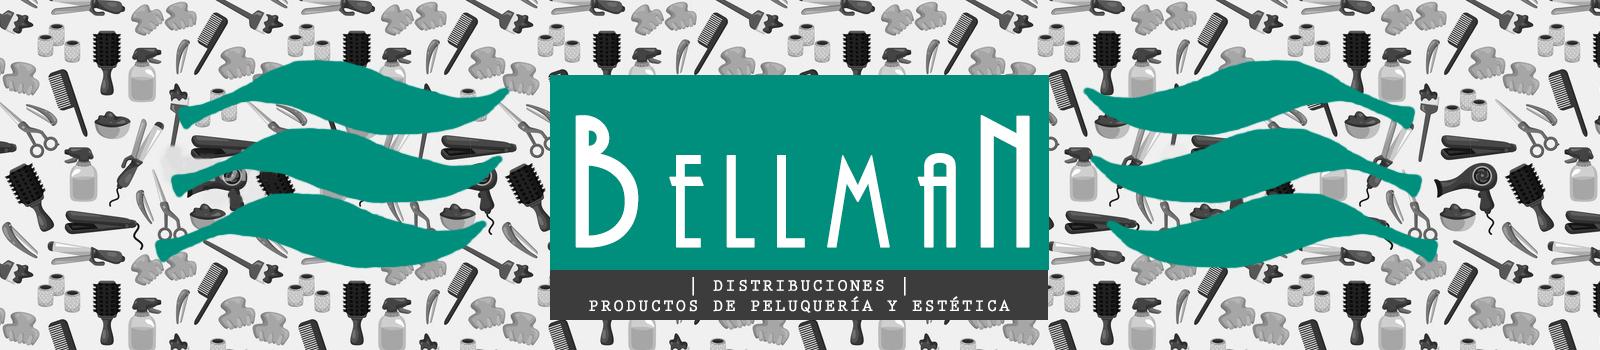 productos de peluqueria valladolid,bellman,cosmetica profesional